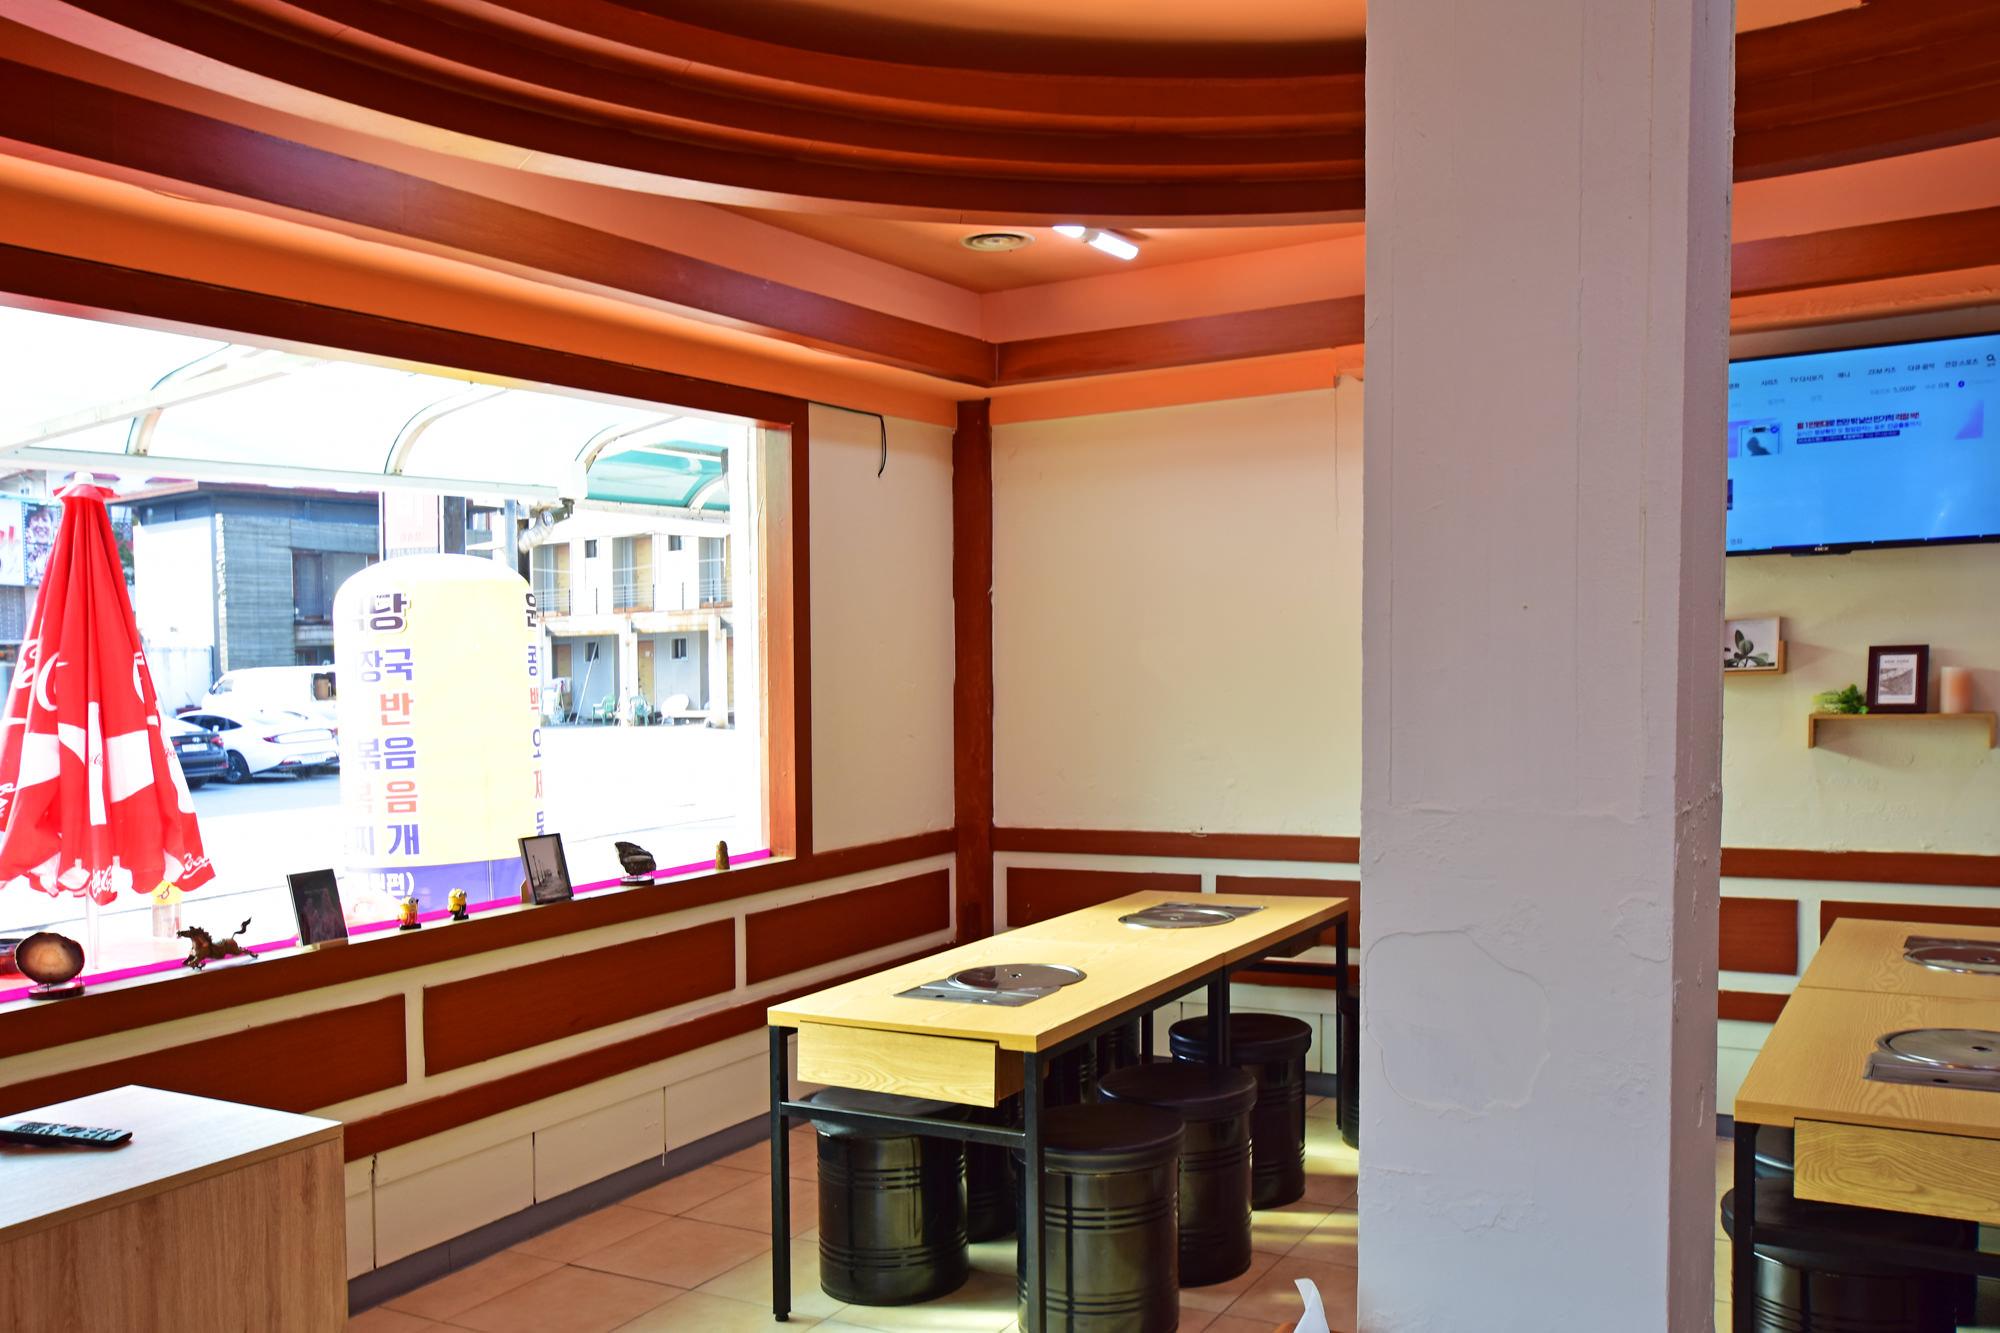 윤가식당 이미지 2